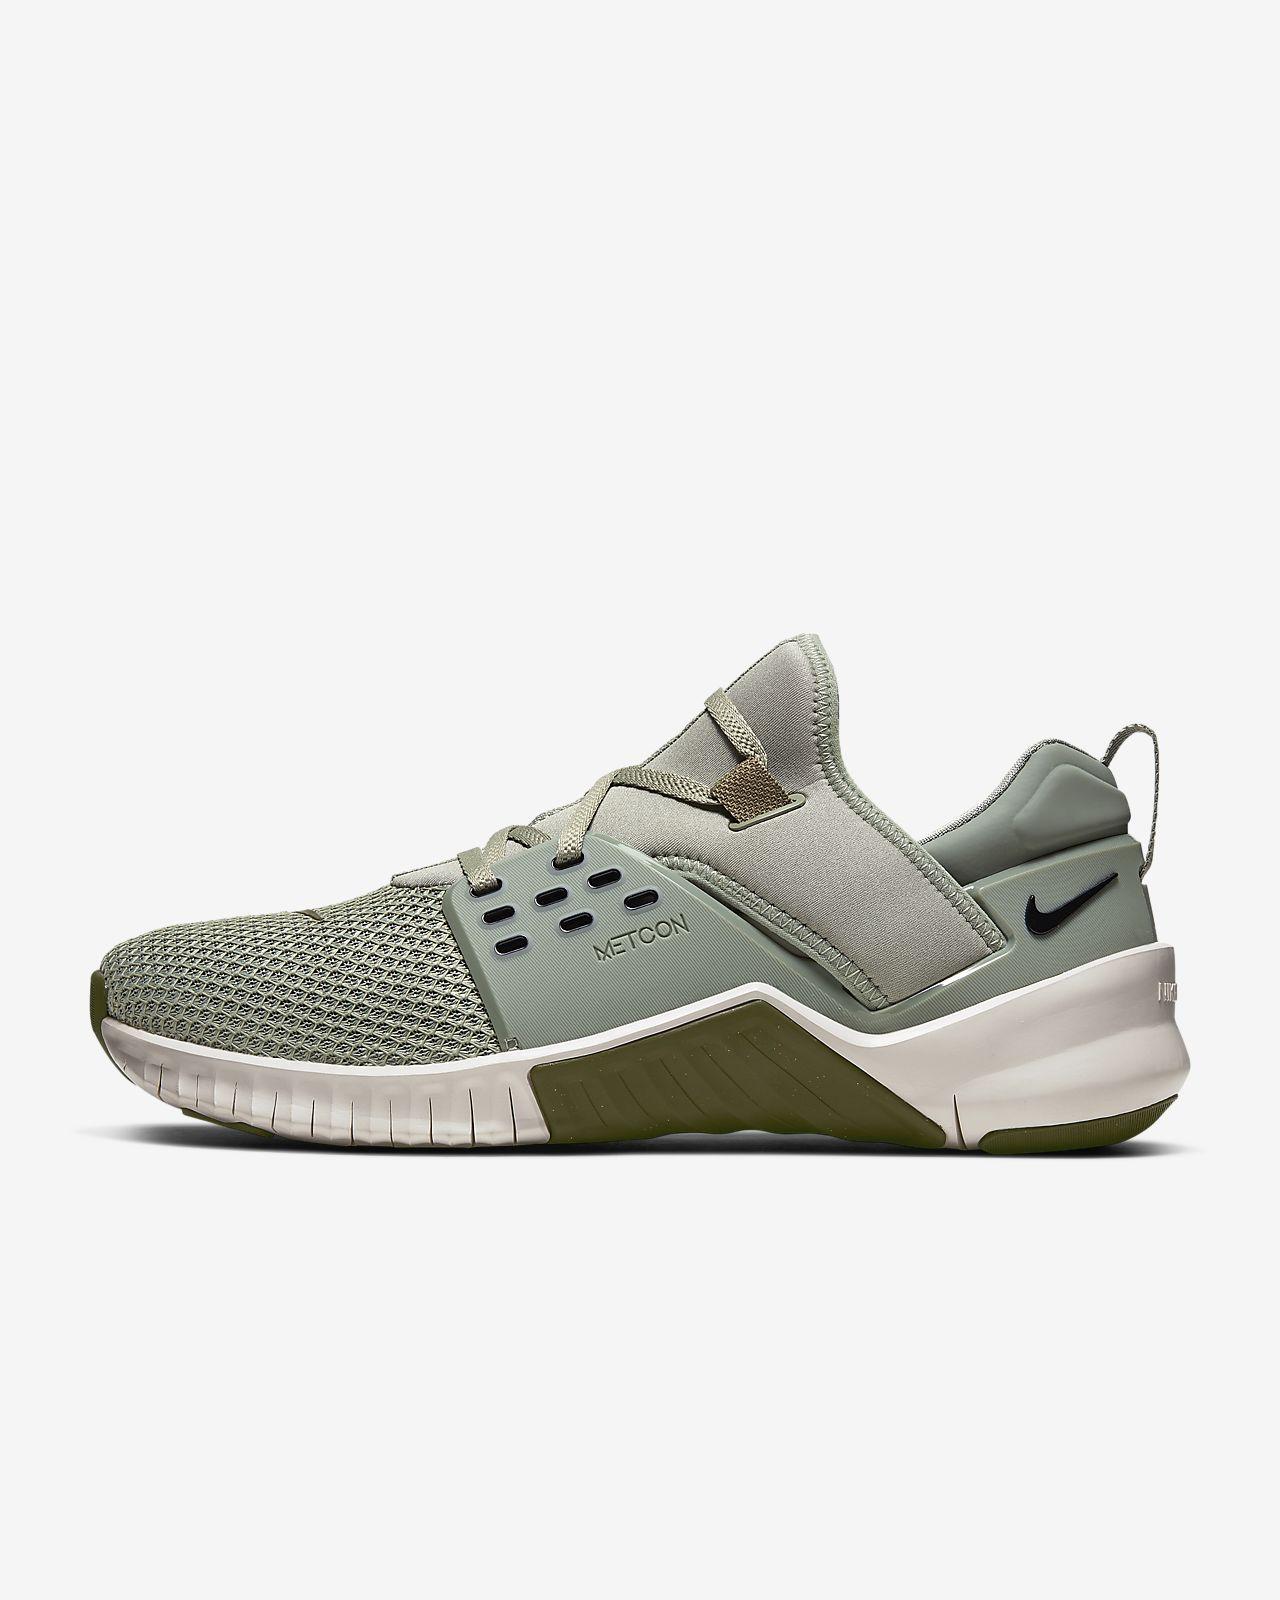 Pánská tréninková bota Nike Free X Metcon 2